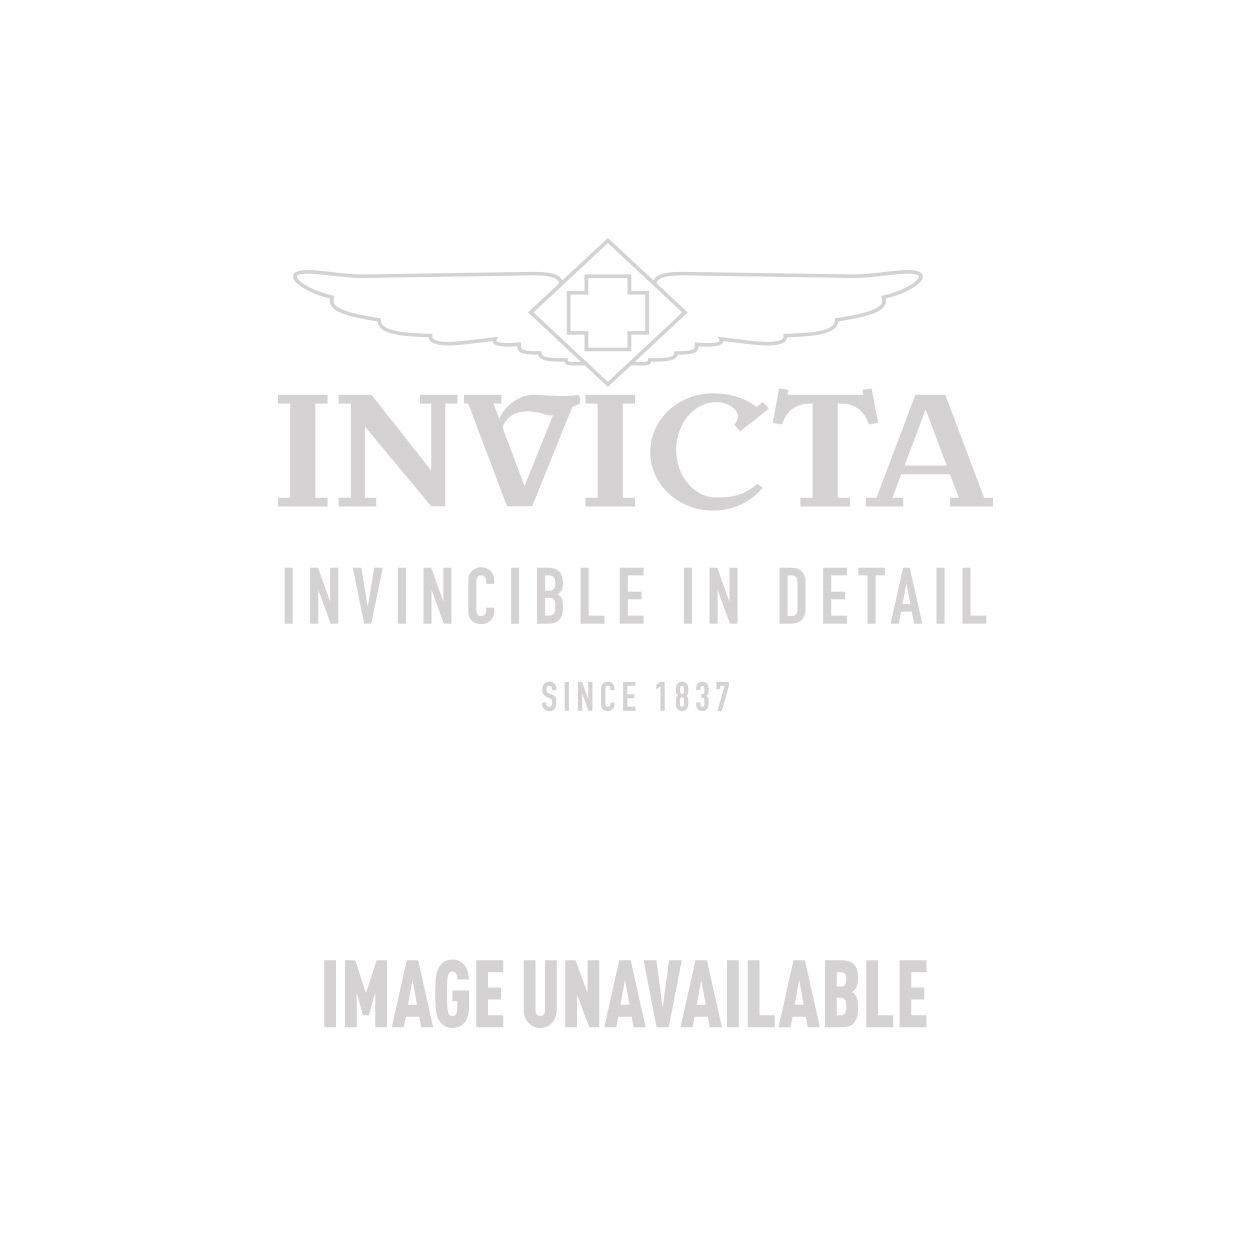 Invicta Model 25079